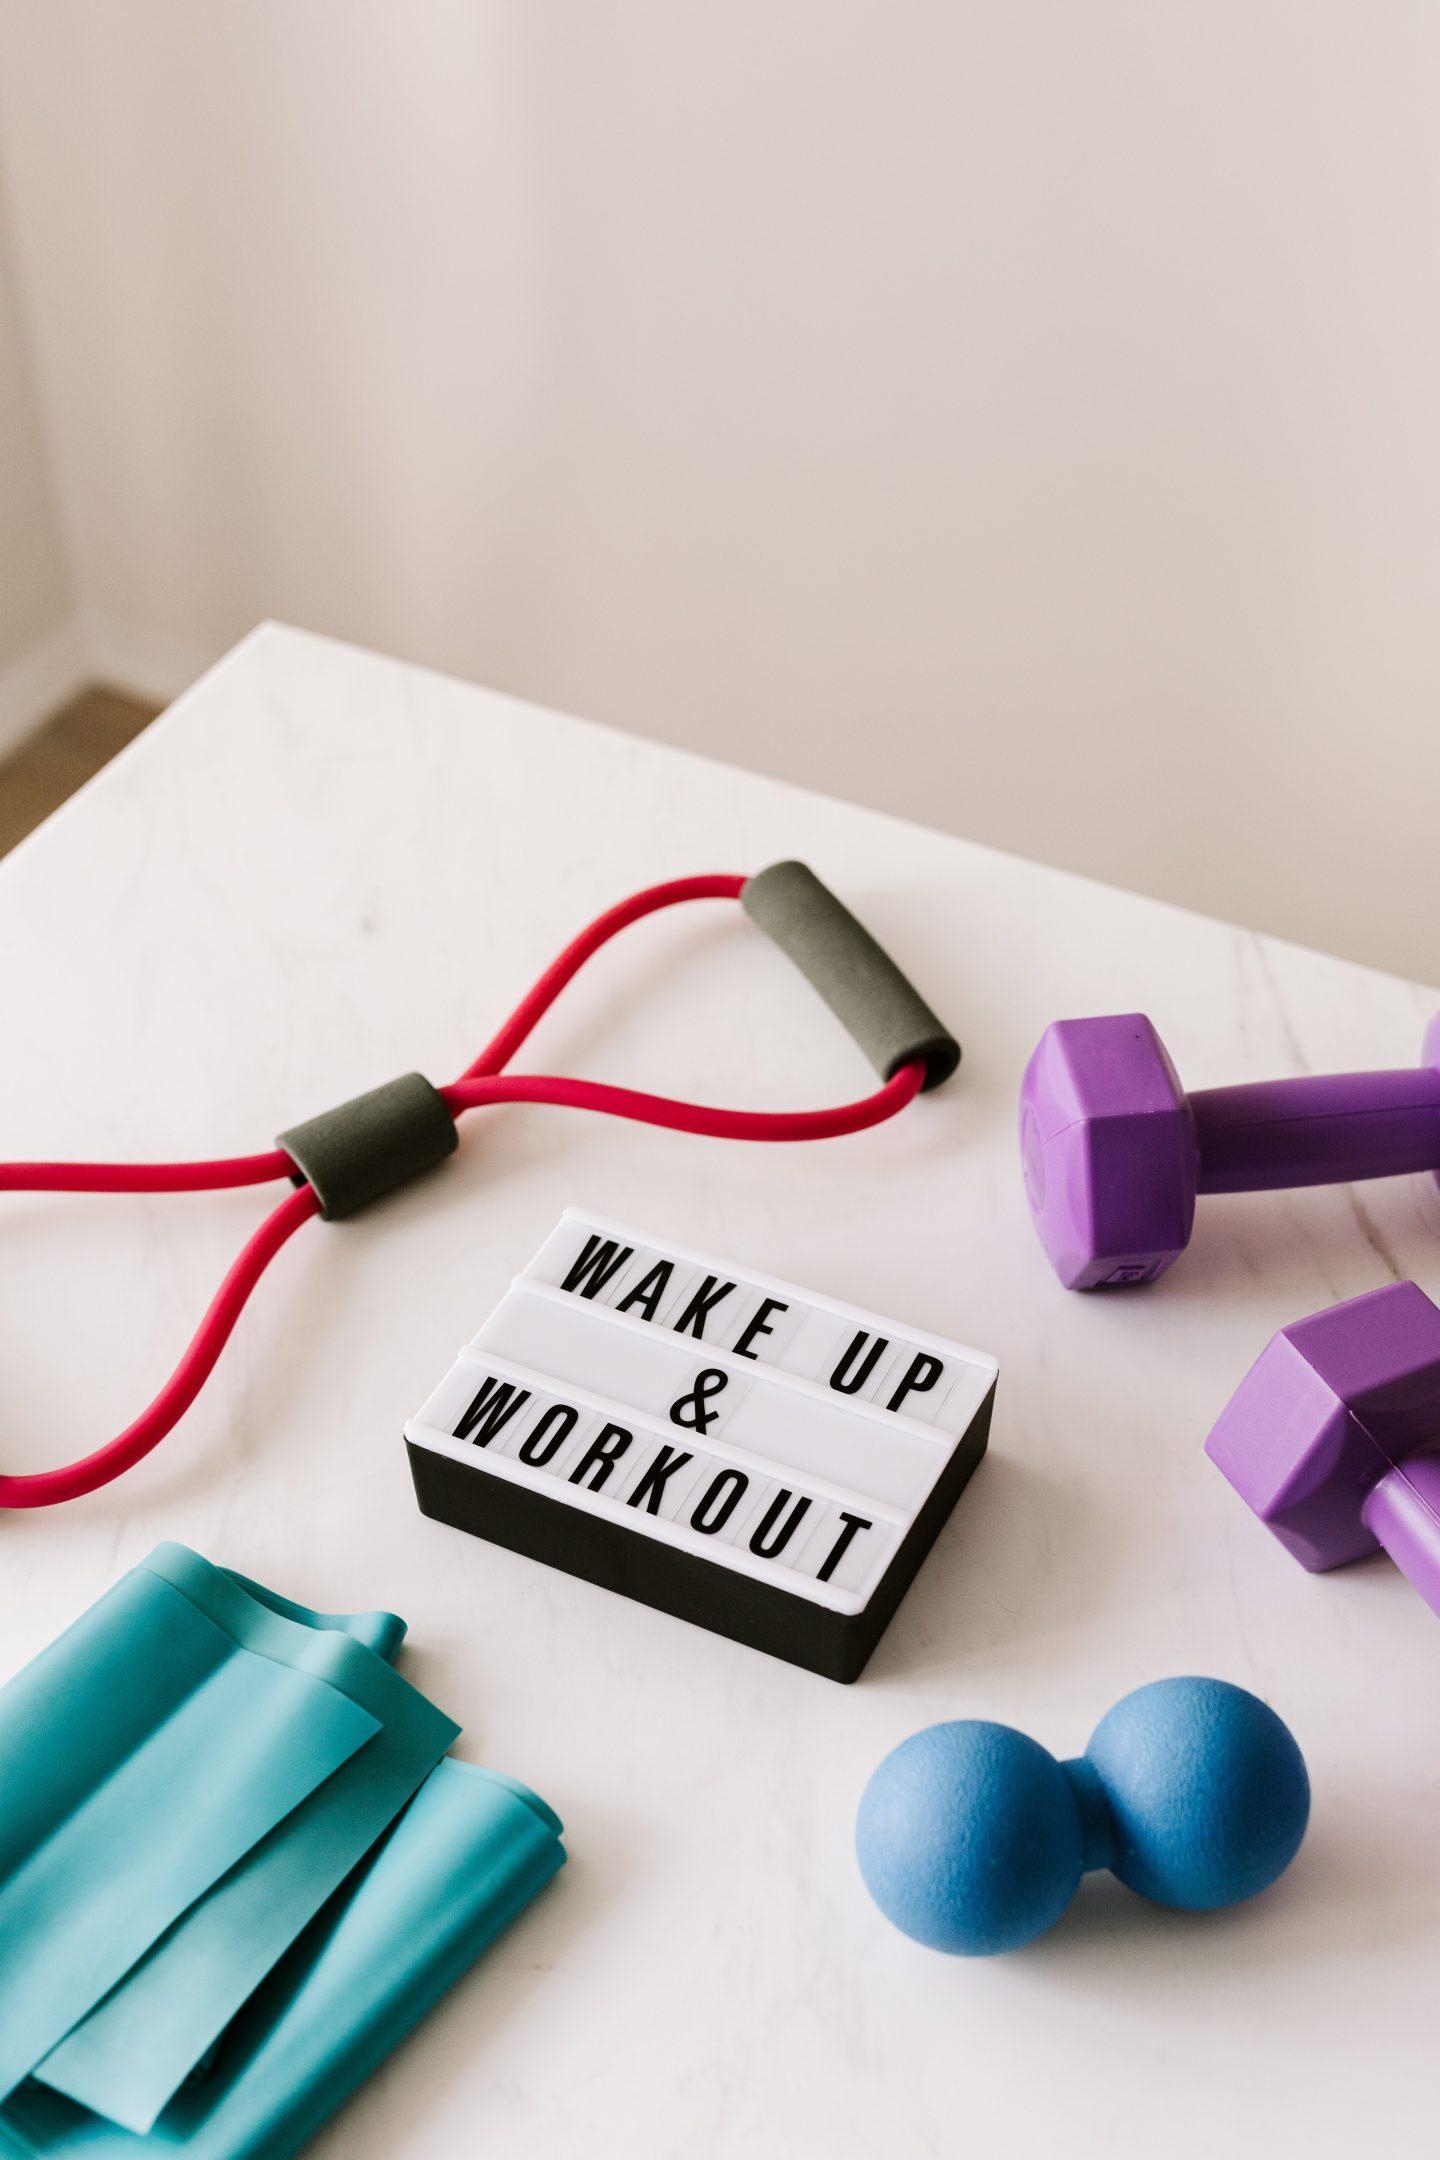 La pratique modérée d'une activité sportive après le travail m'a permis d'adopter de nouvelles habitudes et de ne plus faire de crises de boulimie à la sortie du boulot.